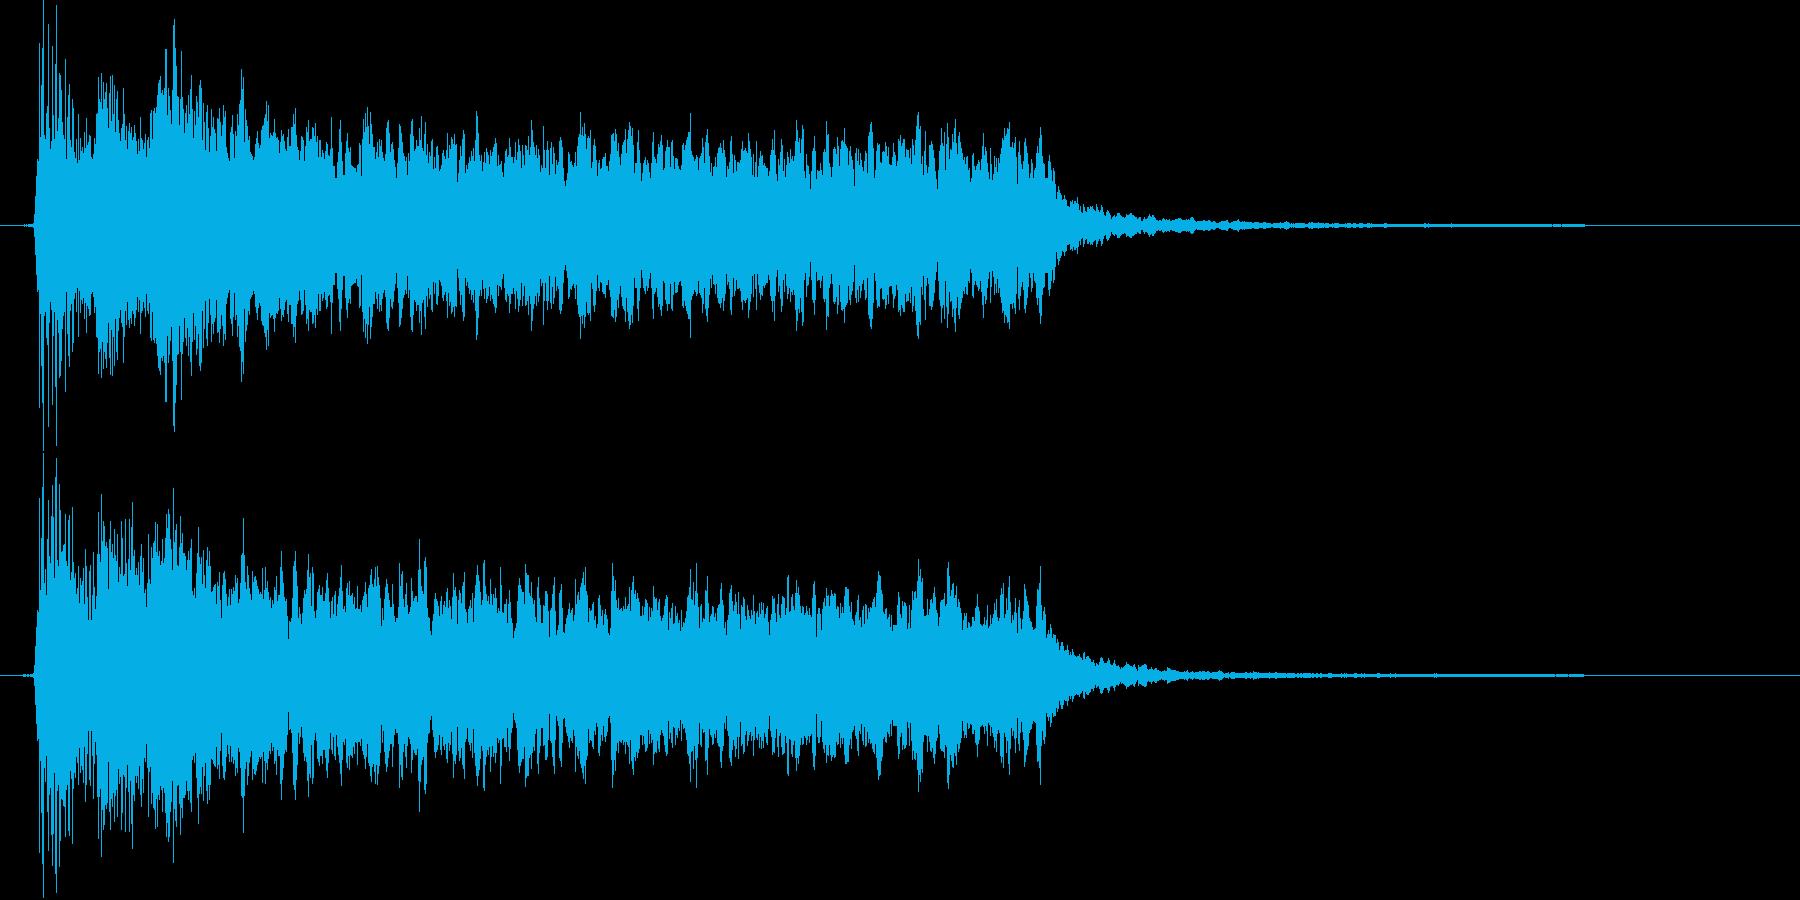 突発的なピアノシンセの再生済みの波形